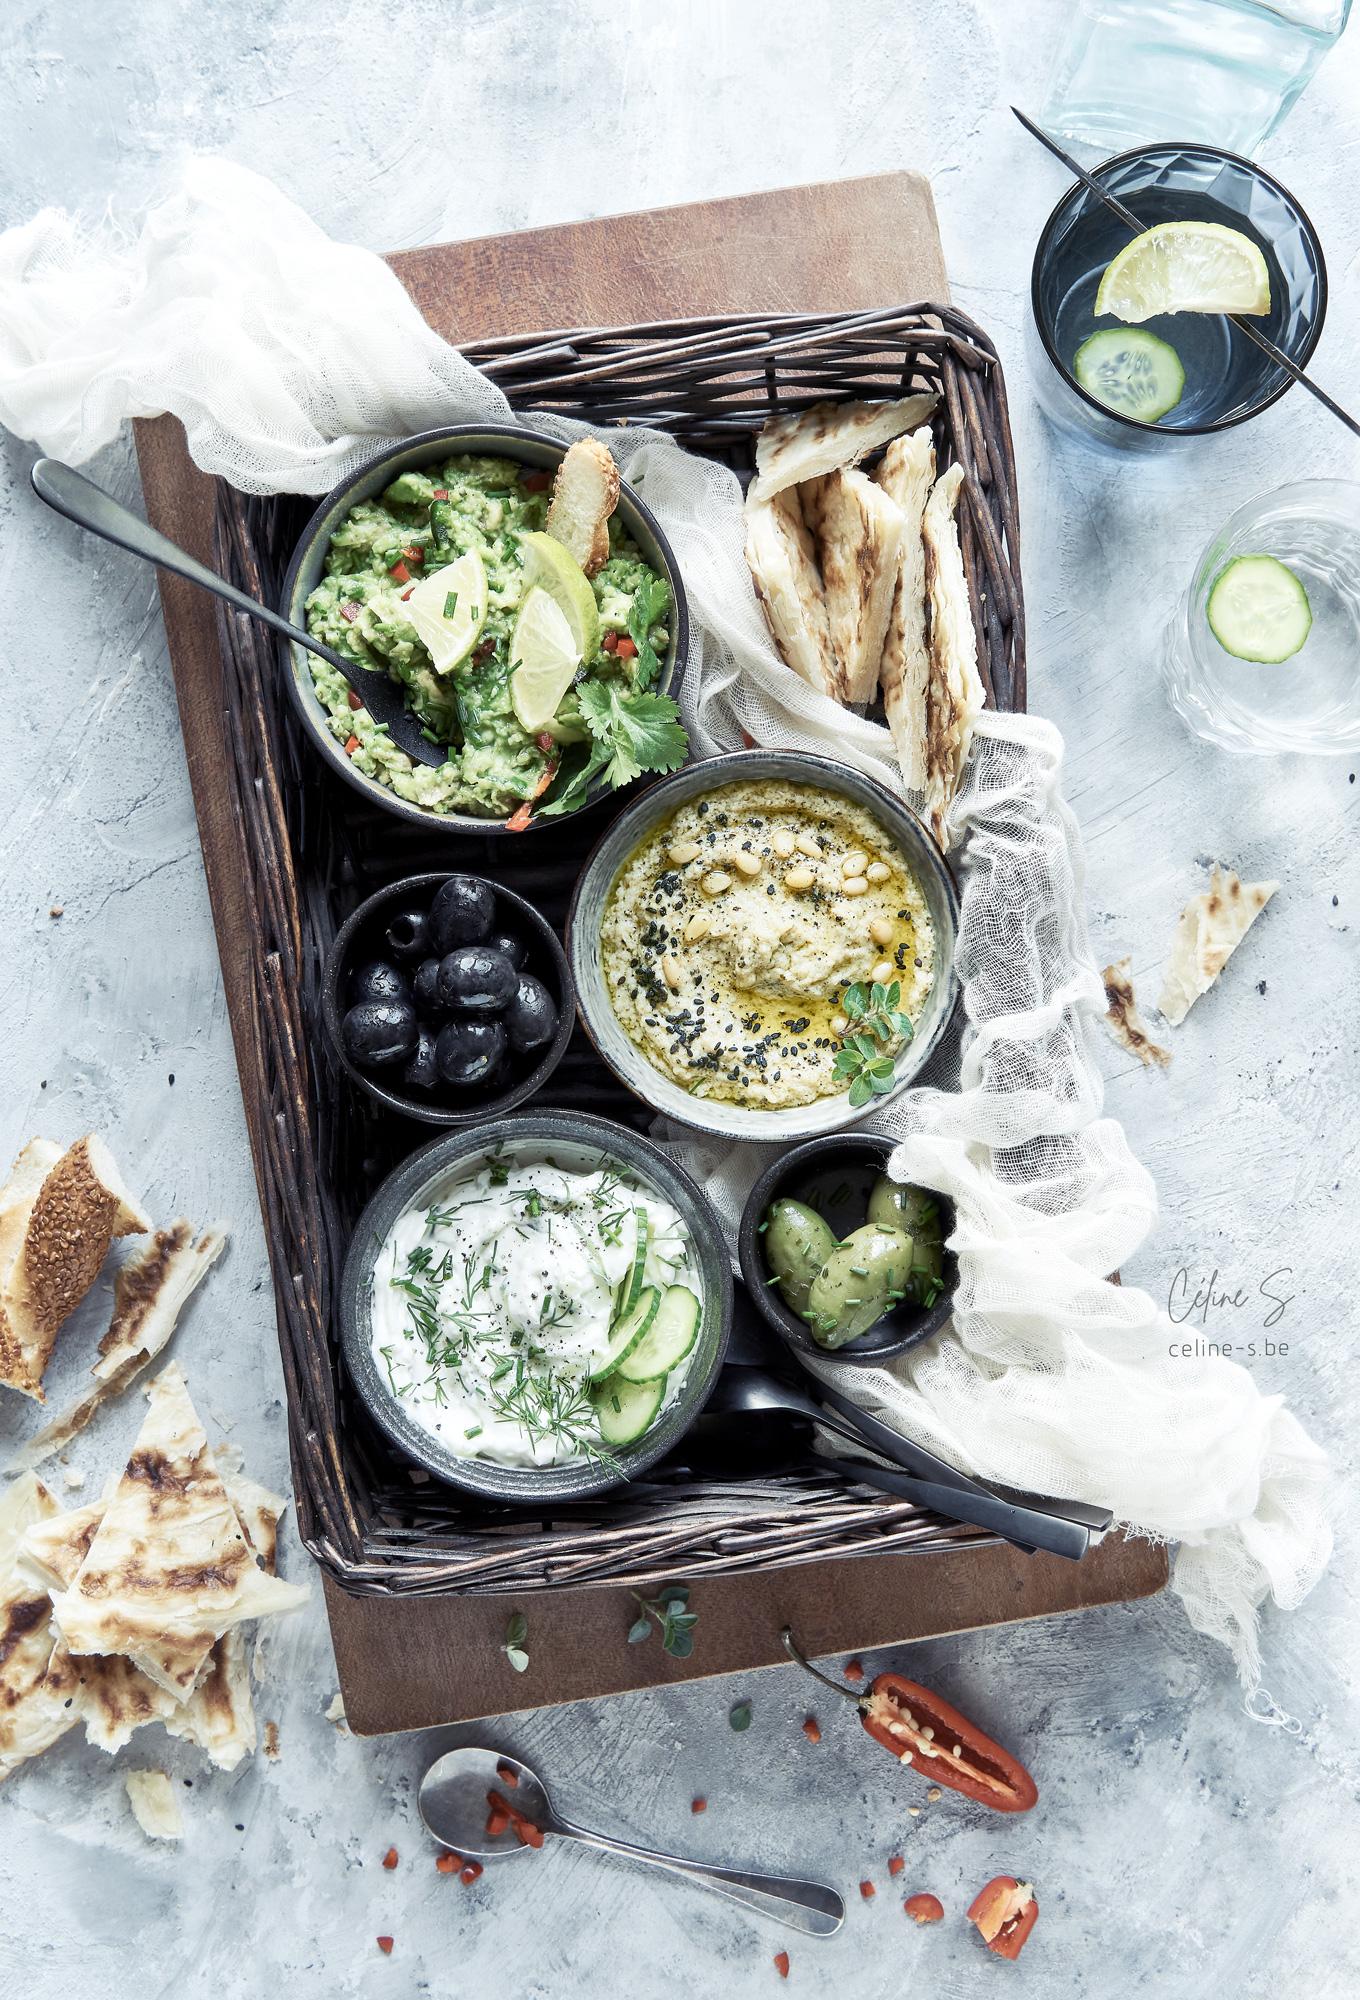 céline Stiévenard - recette et photo panier dipping zakouski grec guacamole, aubergine et tatziki - - styliste culinaire food - création de photo food - Liège, Belgique